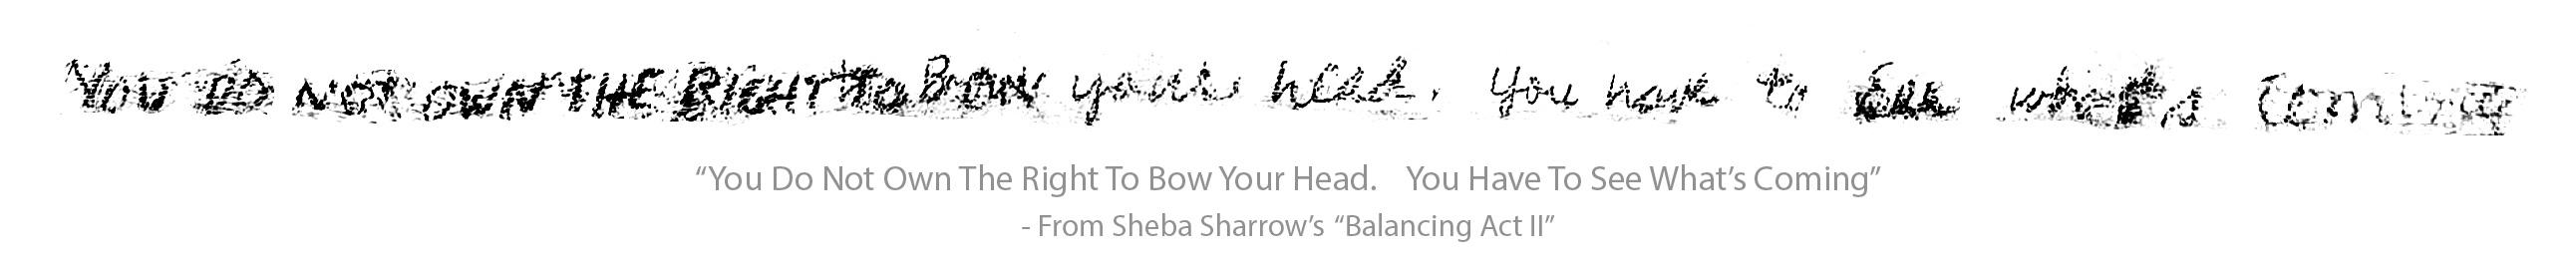 SHeba Sharrow History repeats [Recovered]-09